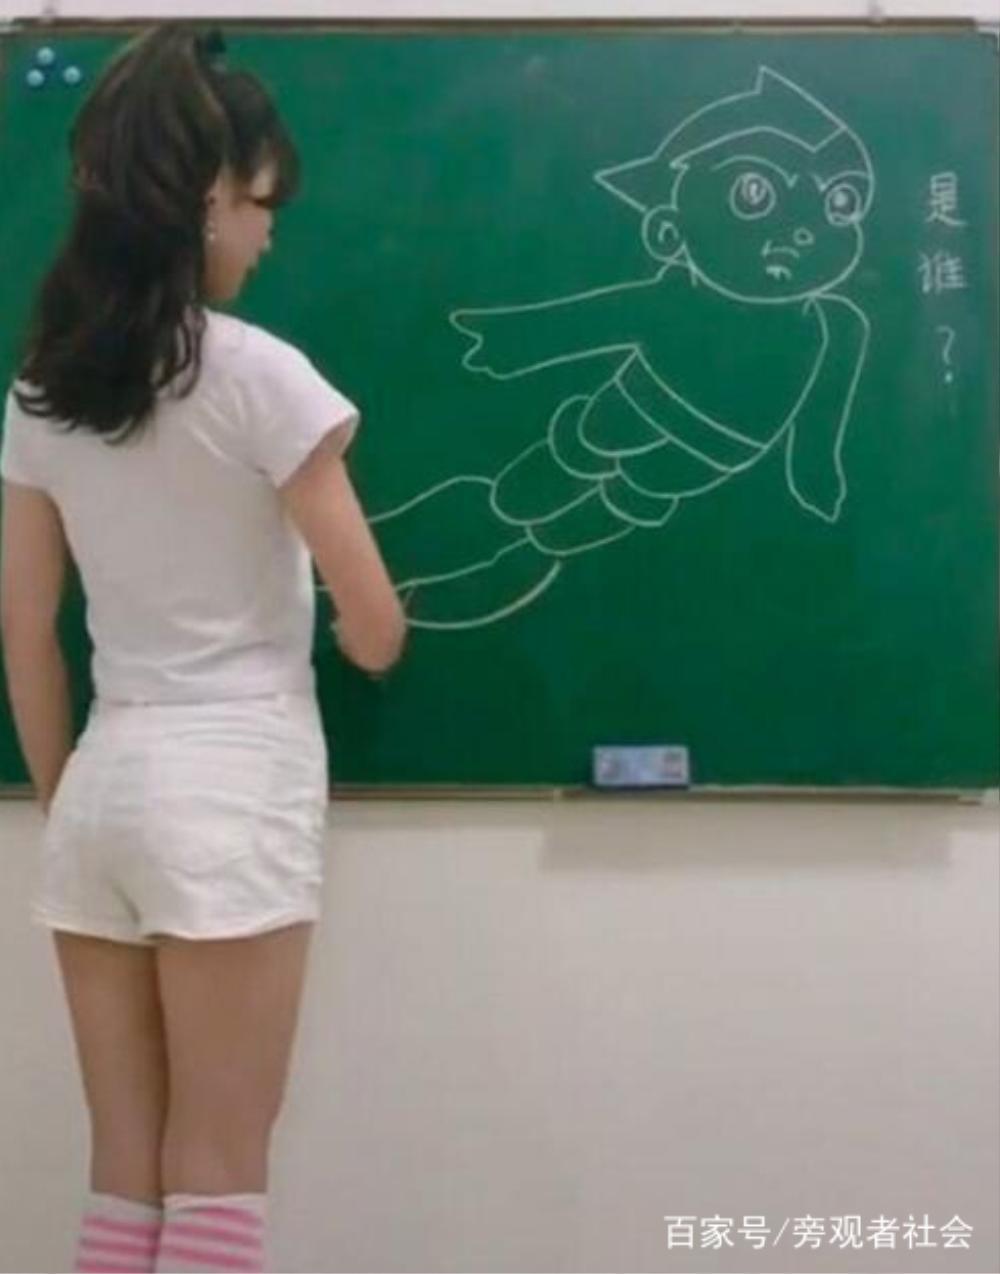 Cô giáo mầm non ăn mặc gợi cảm khi đứng lớp khiến phụ huynh tranh cãi dữ dội Ảnh 1